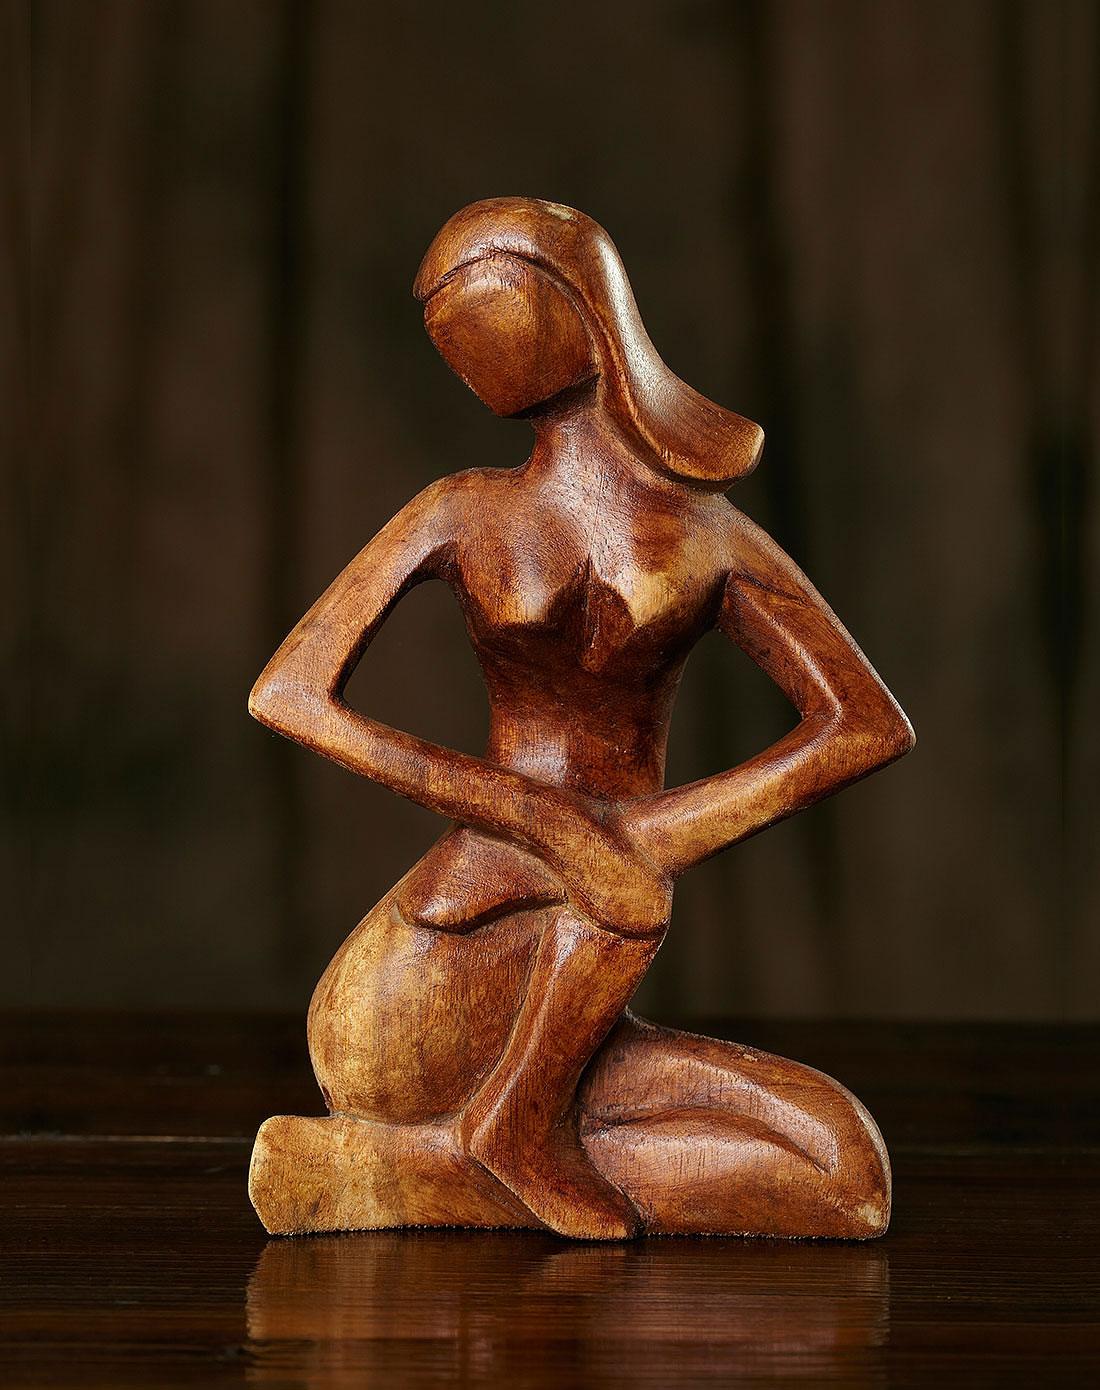 【印尼.巴厘岛】唯美女人.手工木雕